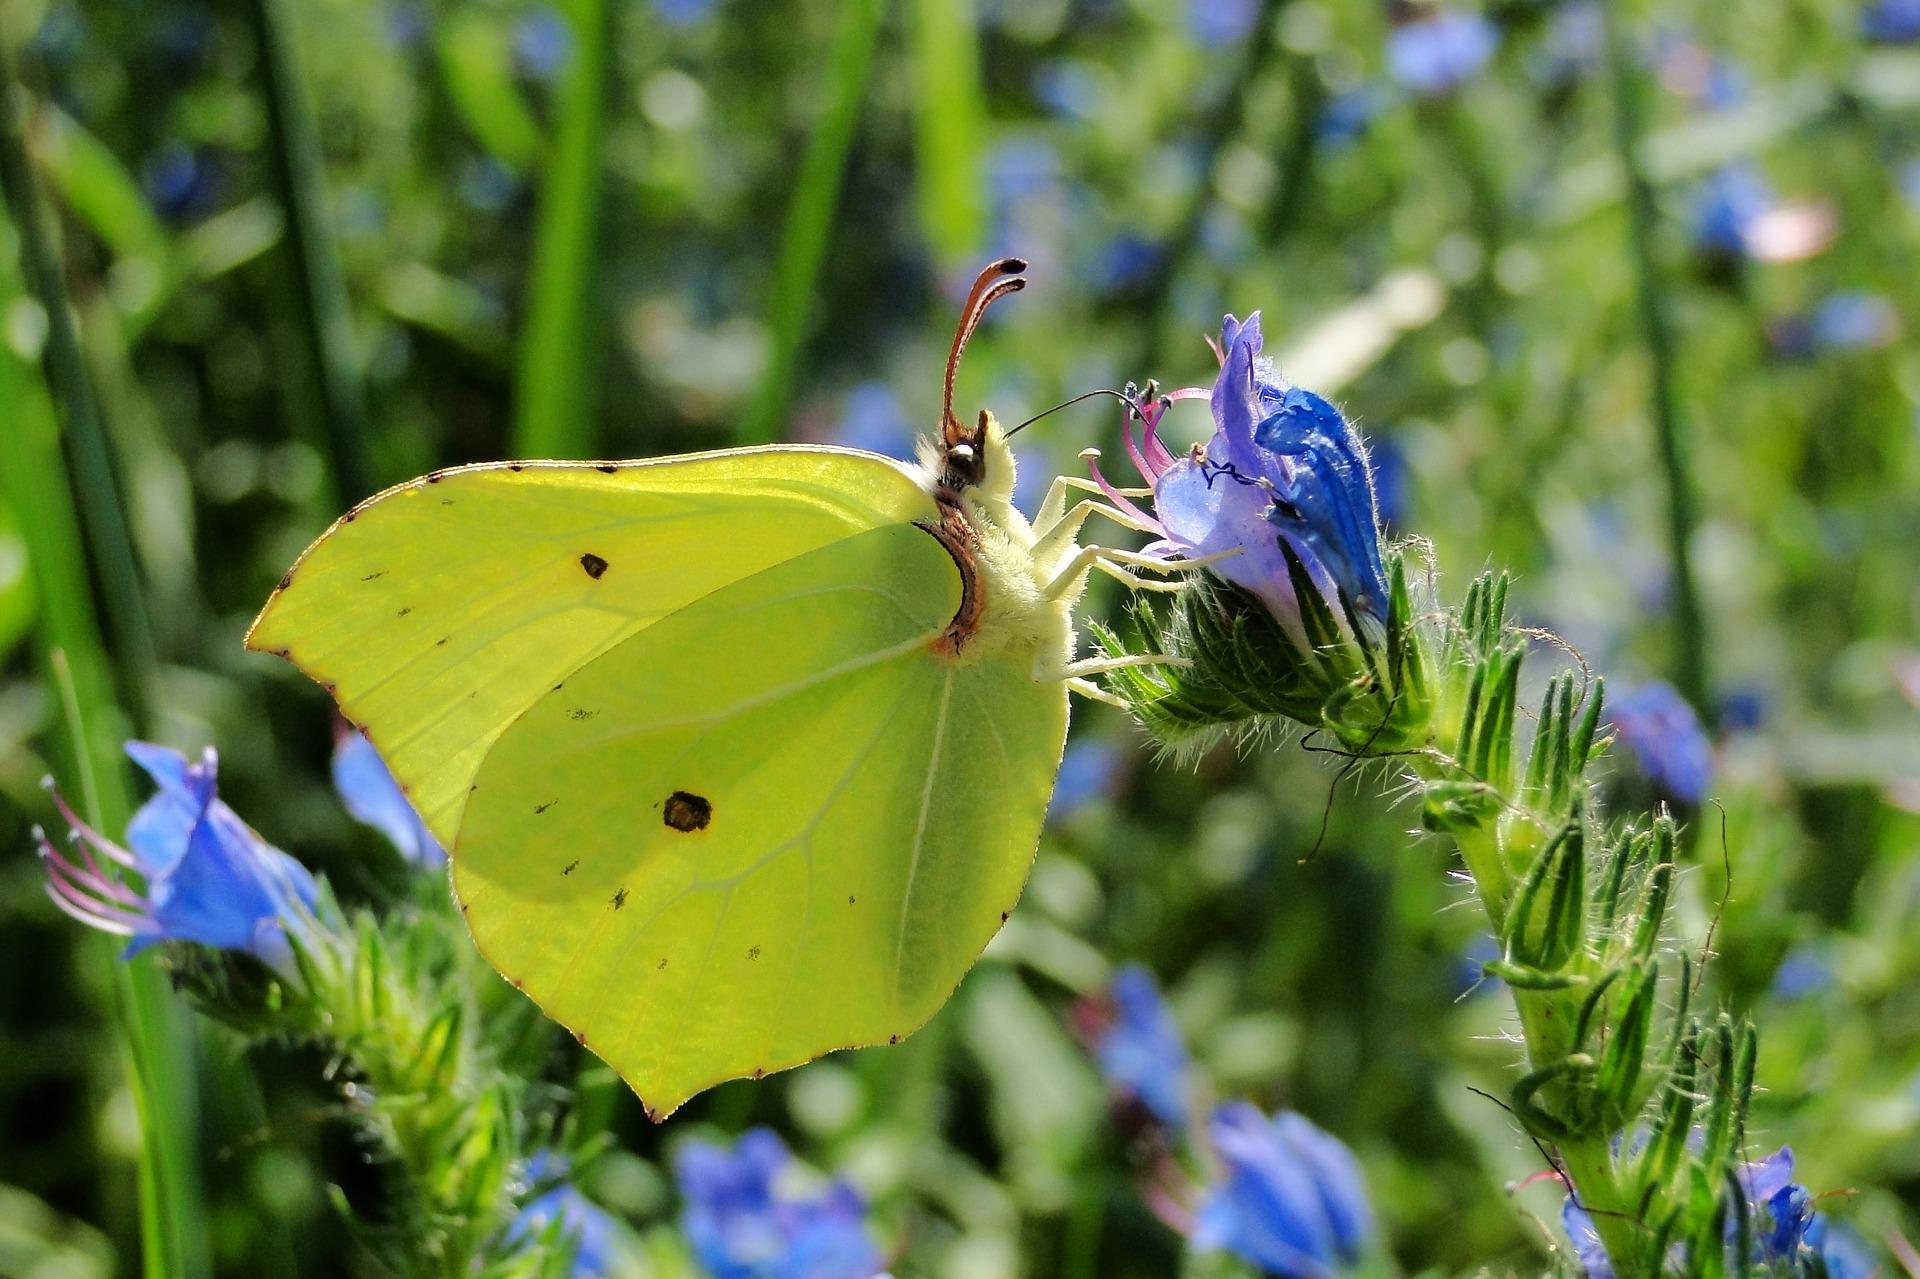 nature-3189460_1920.jpg